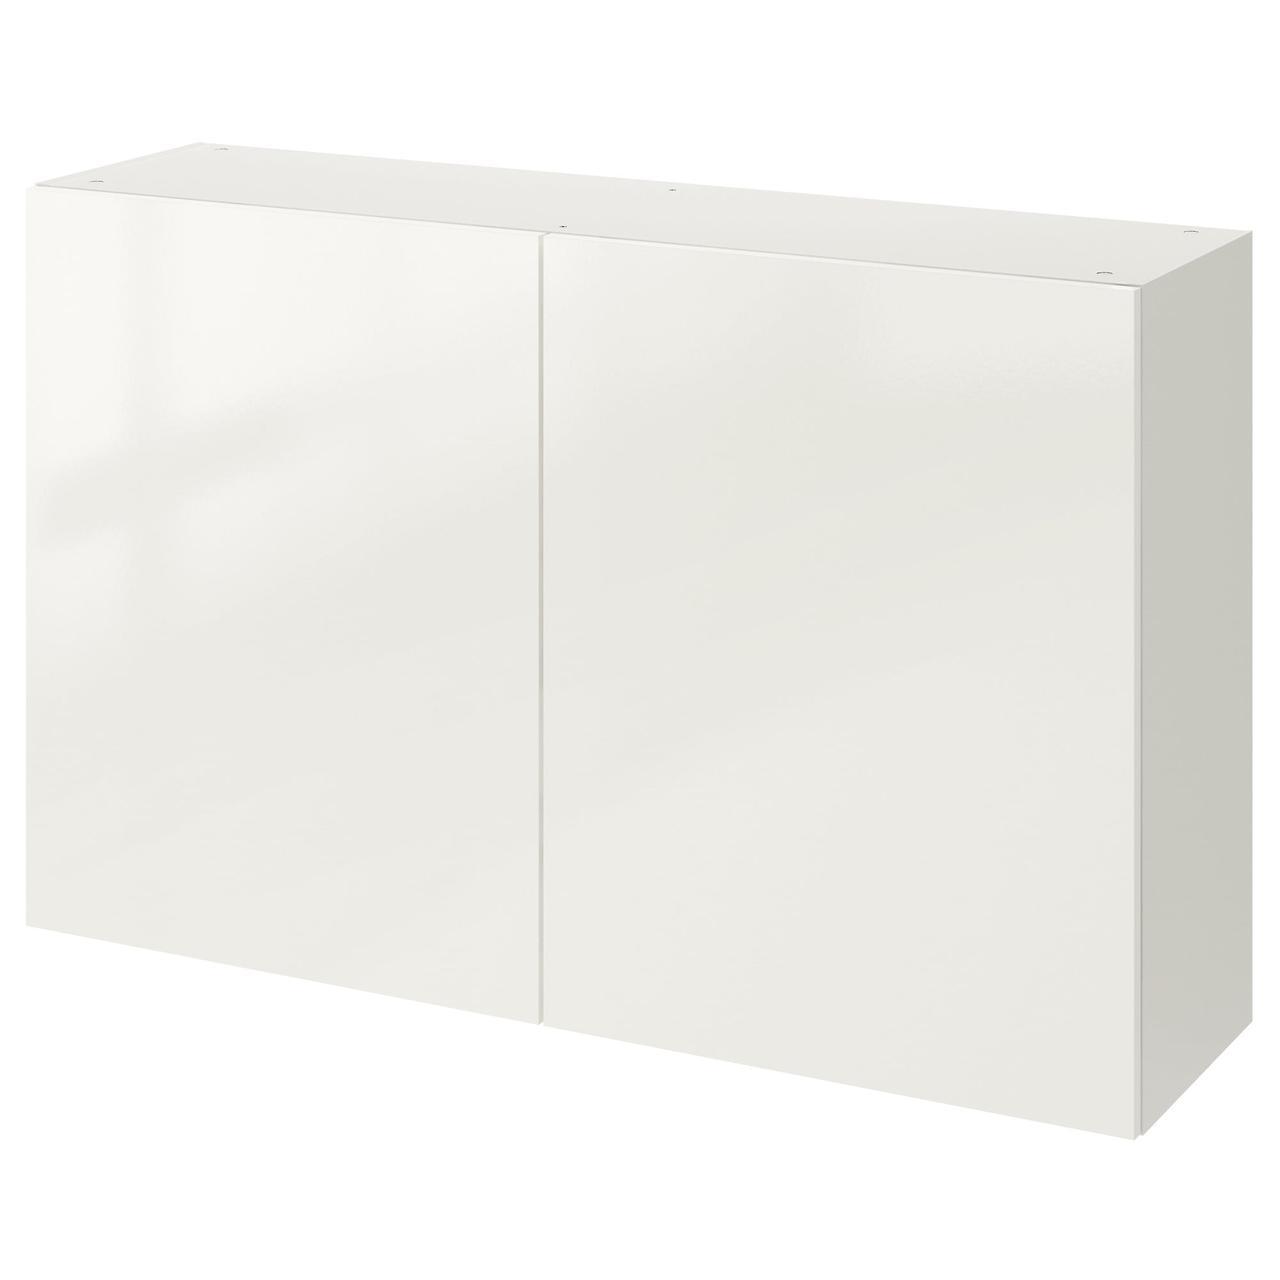 КНОКСХУЛЬТ Навесной шкаф с дверями, глянцевый белый